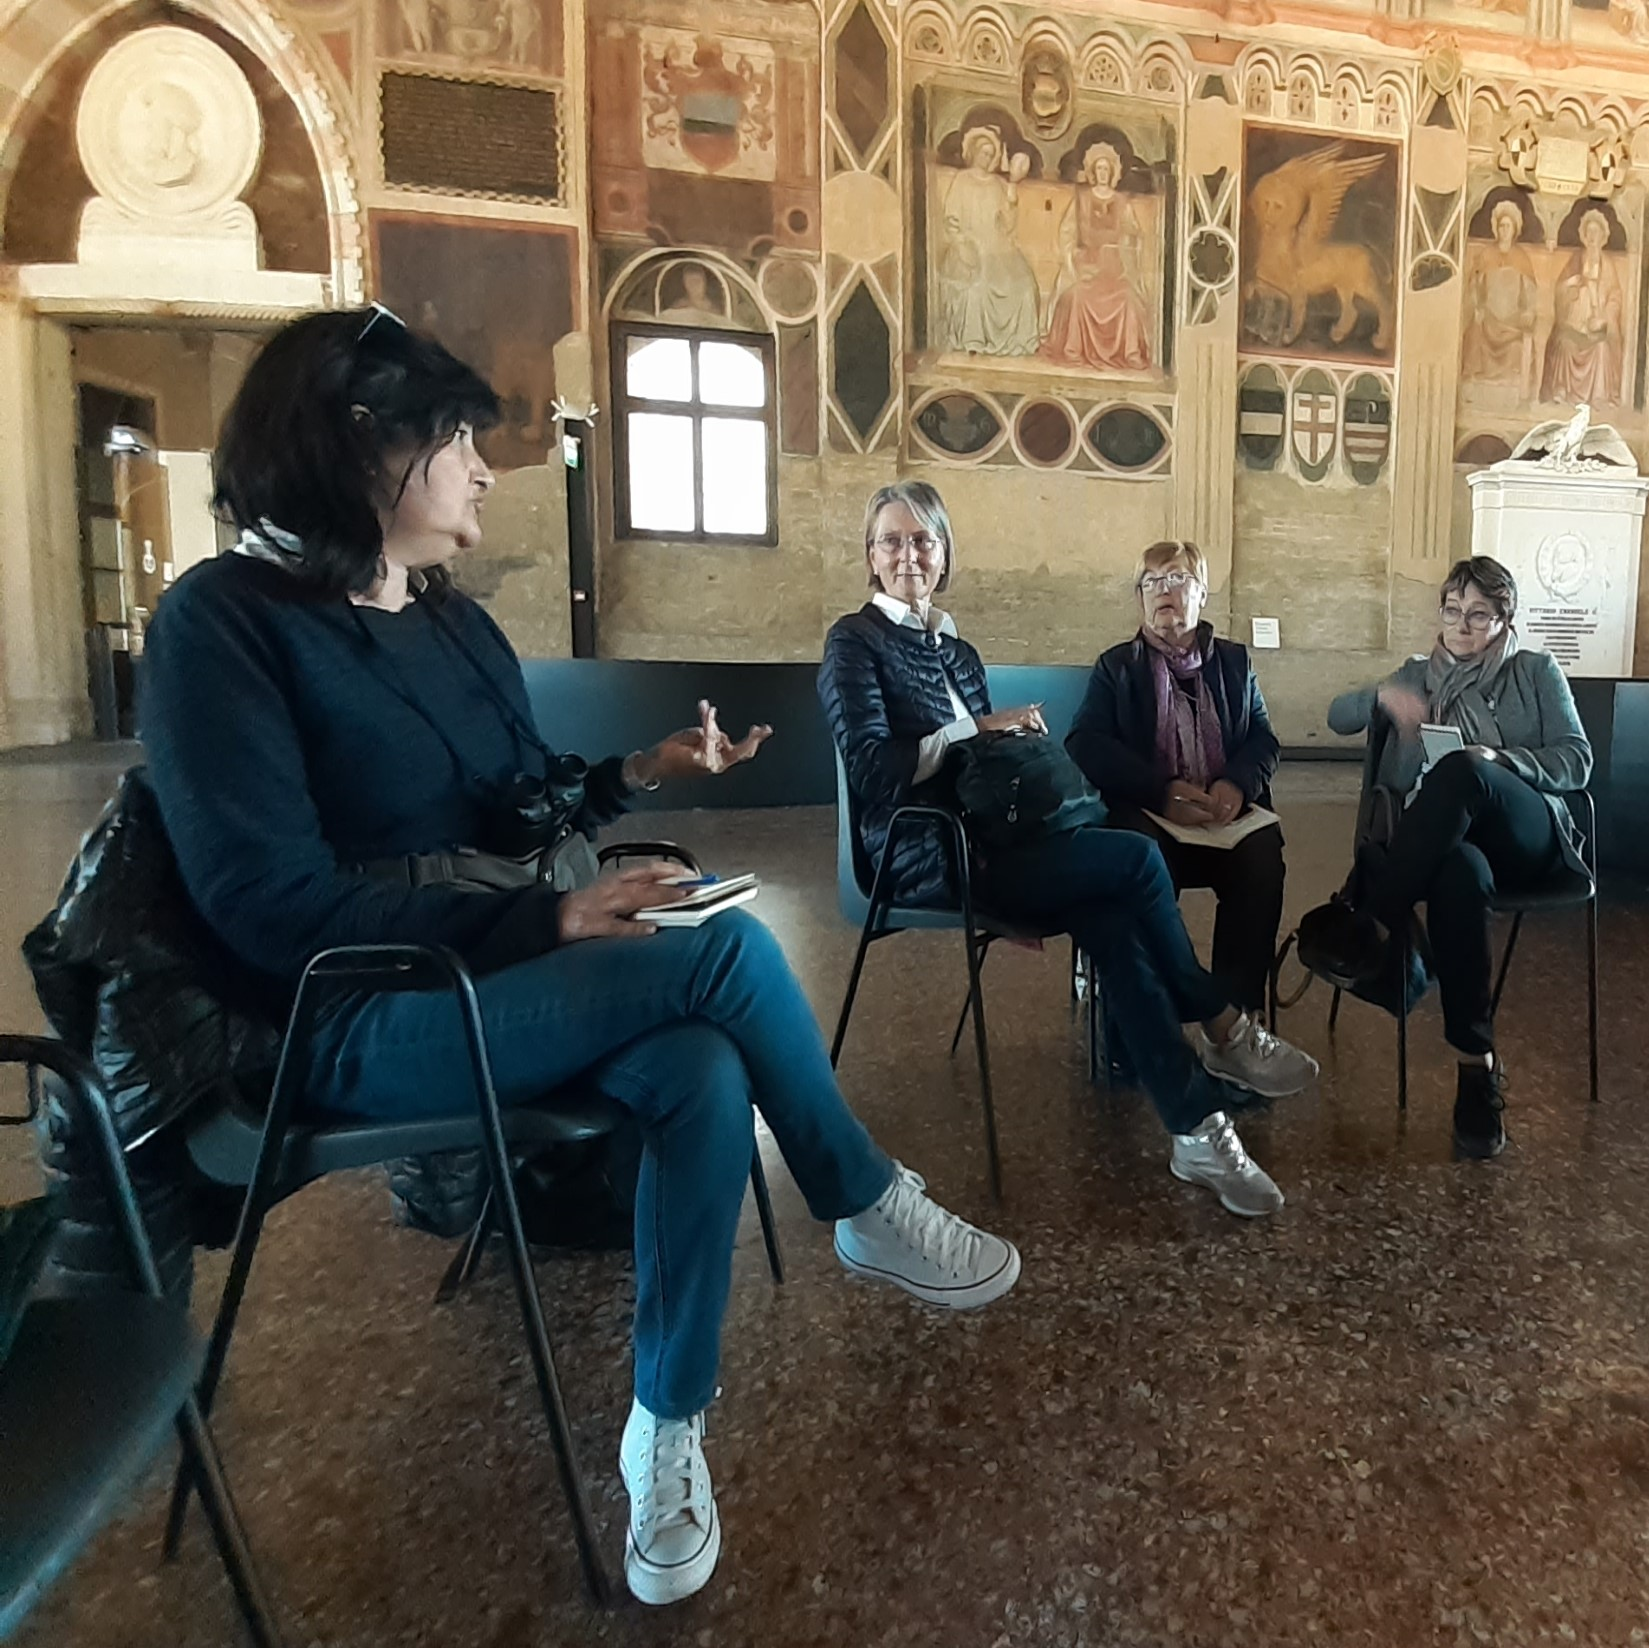 L'arte del volontariato, Anteas, Palazzo della Ragione di Padova